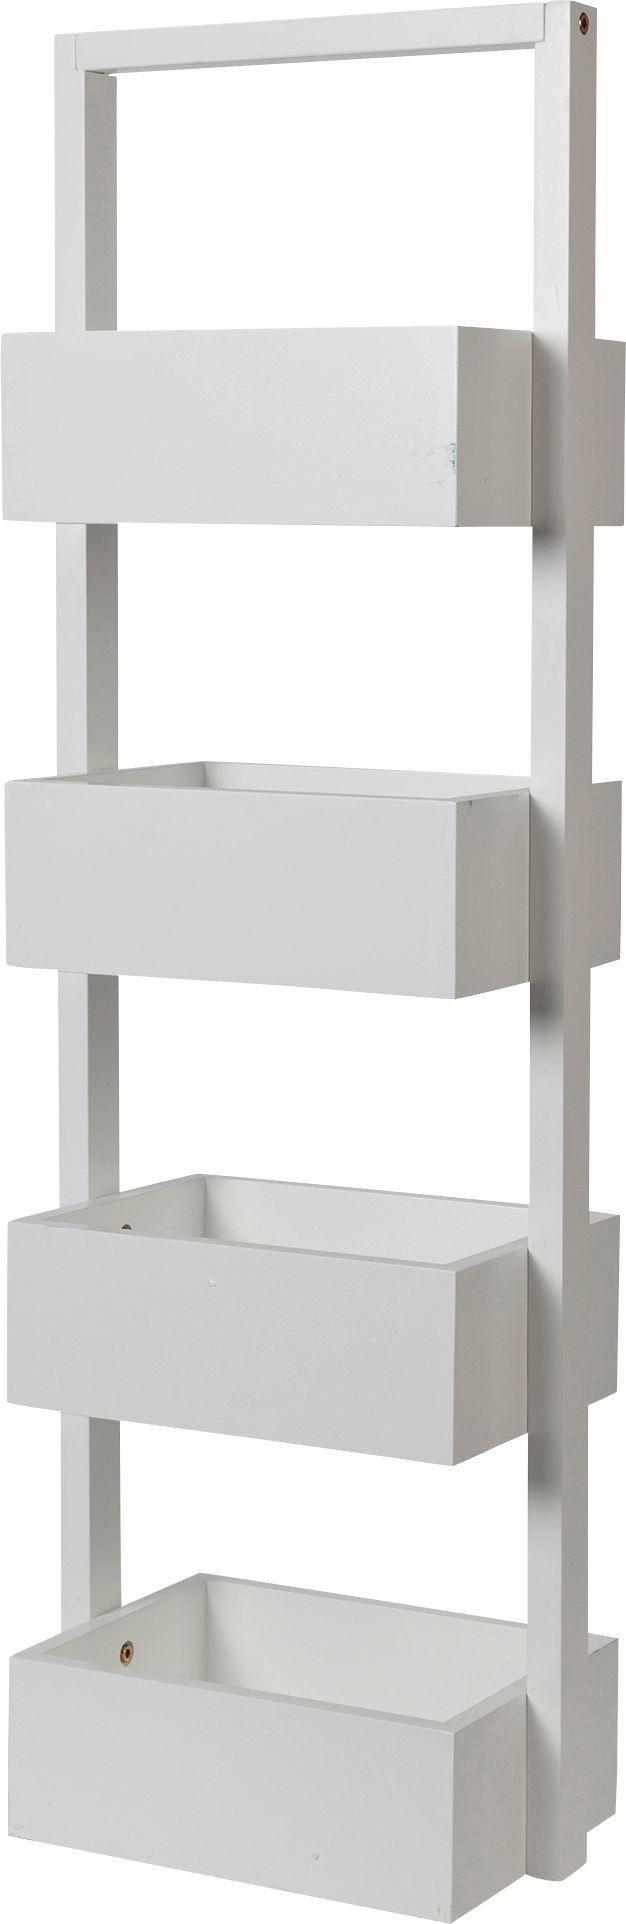 Argos Home Freestanding Bathroom Storage Caddy   White